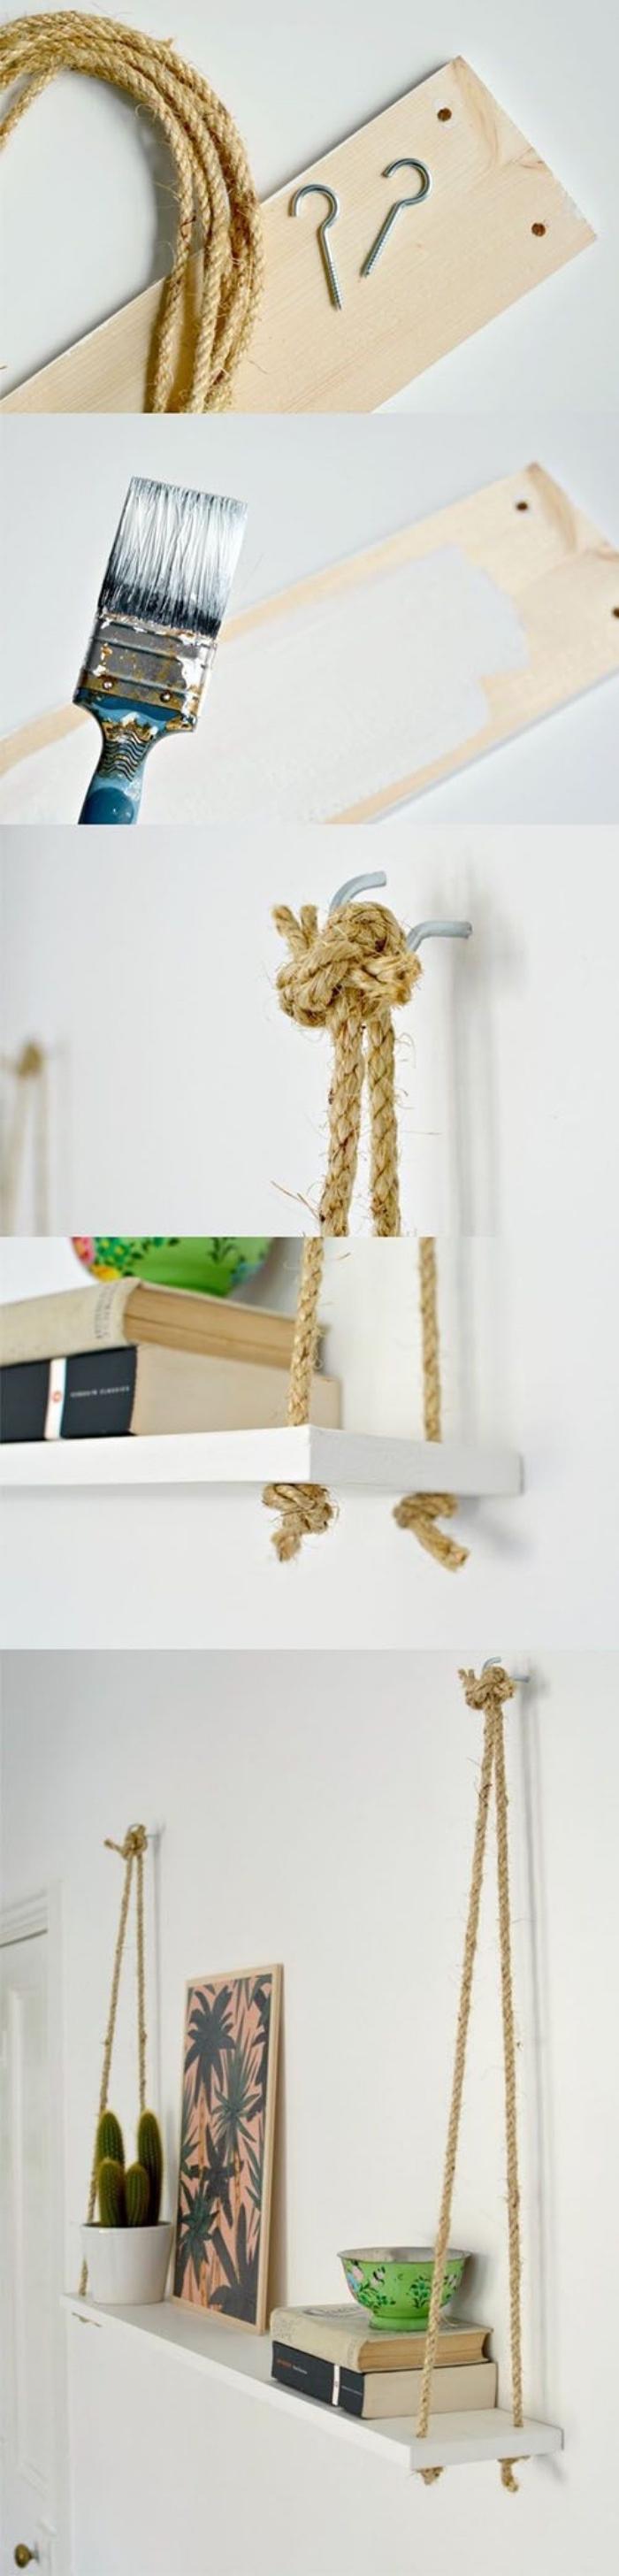 tutoriel pour faire une etagere suspendue soi meme, corde, planche et accroches pour les murs, bricolage facile pour diy rangement astucieux